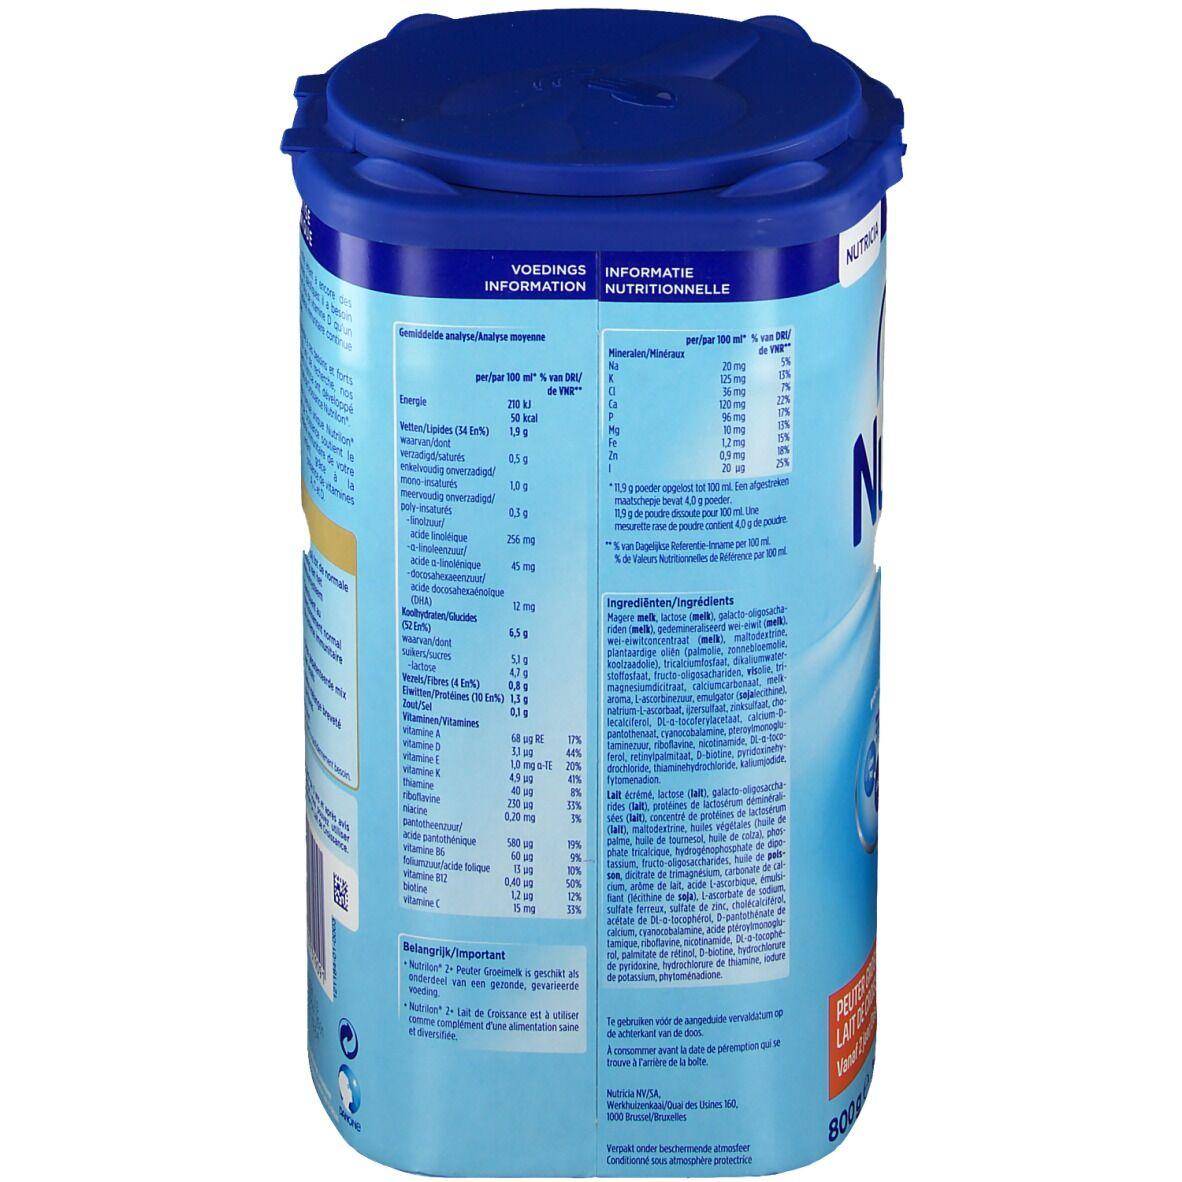 Nutricia Nutrilon Pronutra Lait De Croissance 2+ g poudre